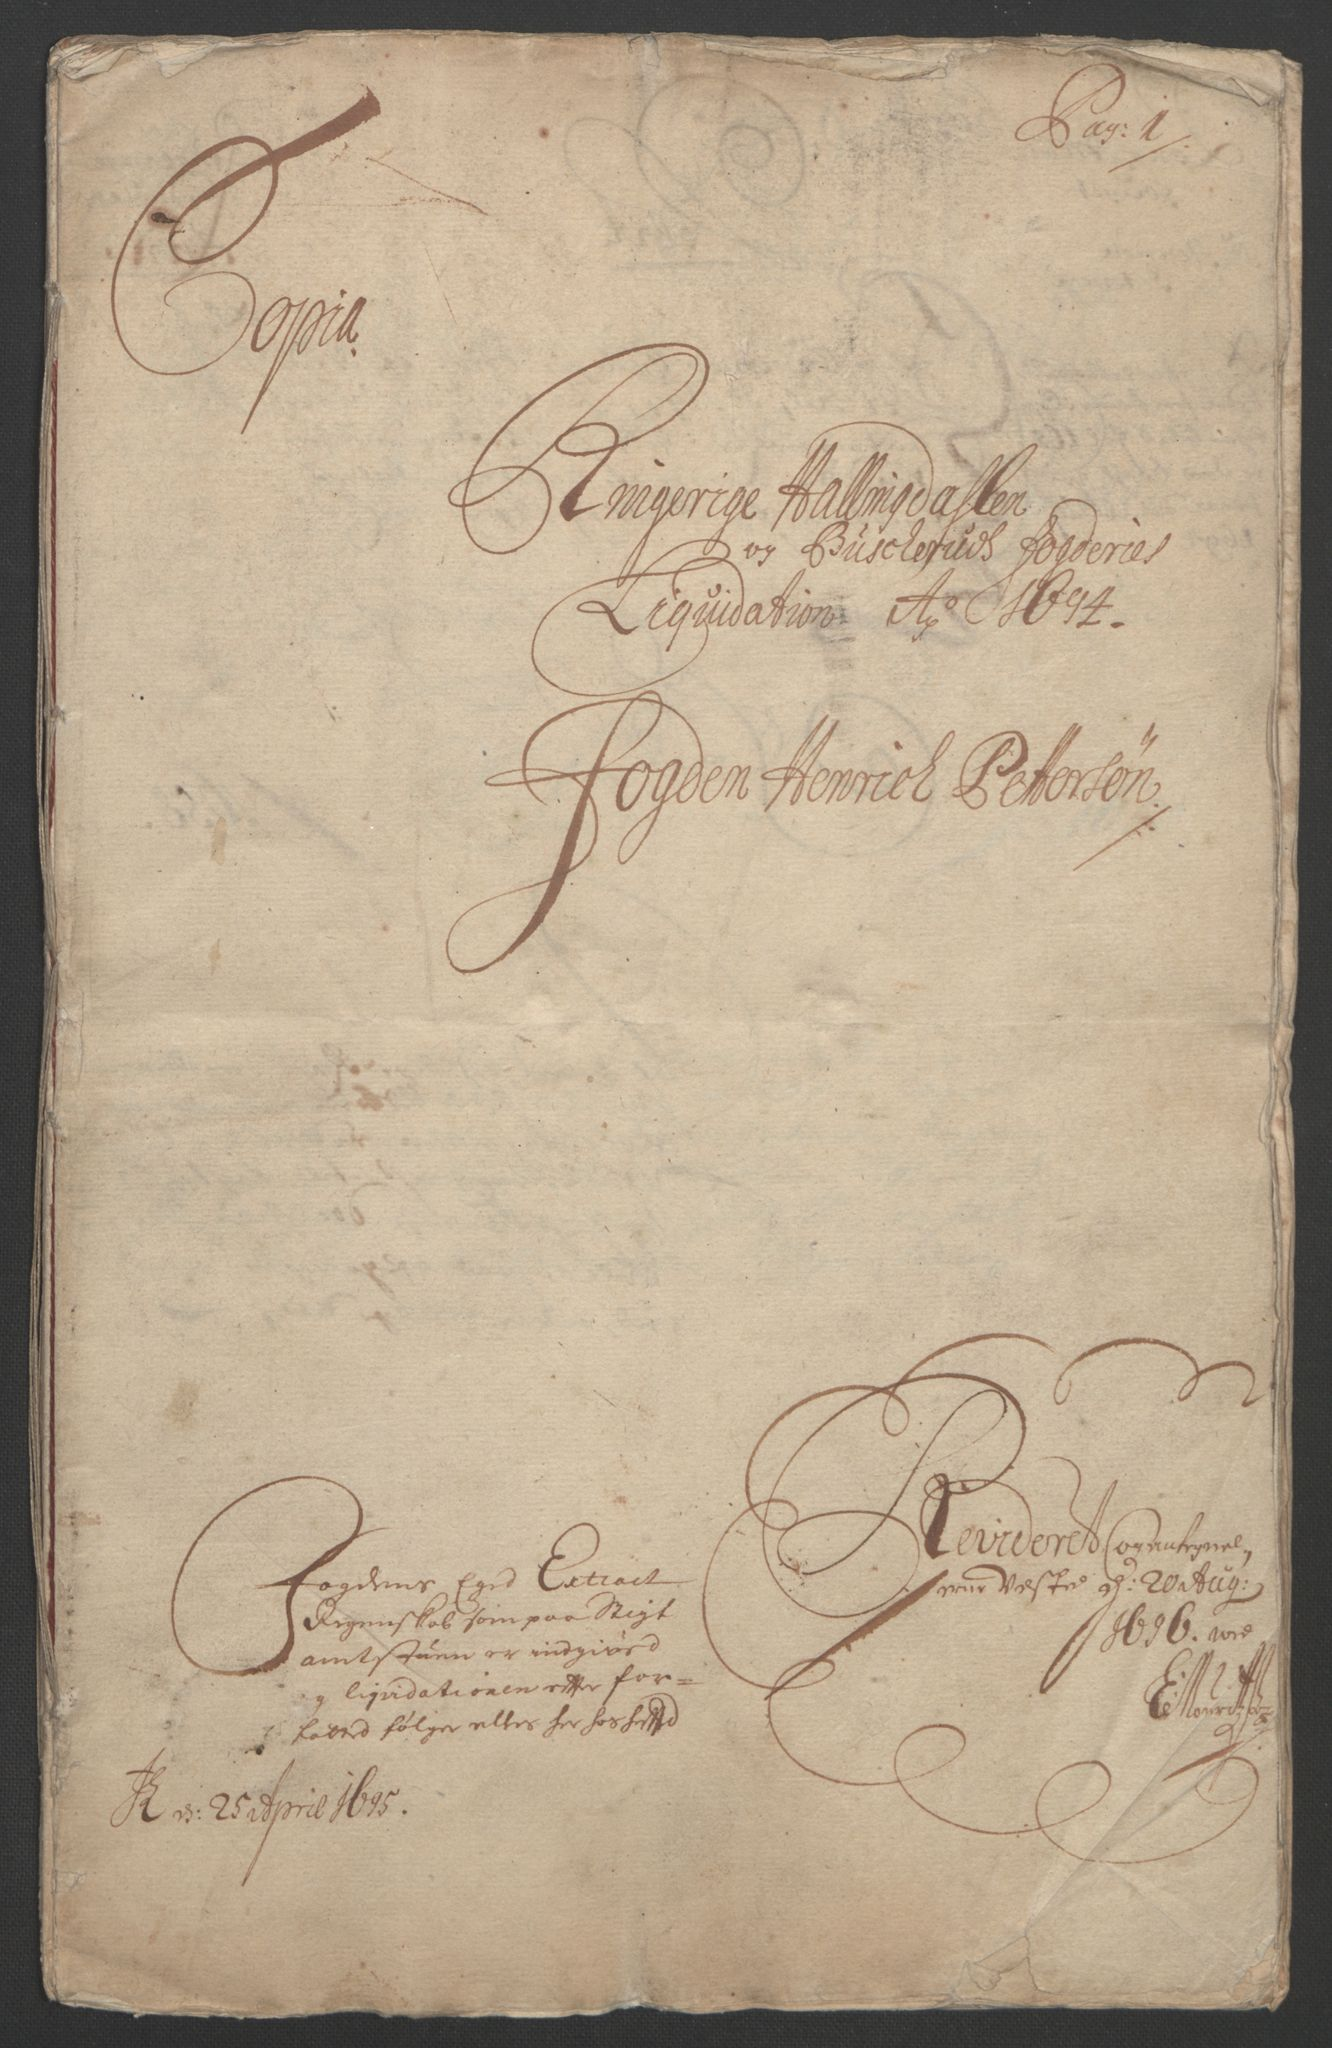 RA, Rentekammeret inntil 1814, Reviderte regnskaper, Fogderegnskap, R22/L1451: Fogderegnskap Ringerike, Hallingdal og Buskerud, 1694, s. 4